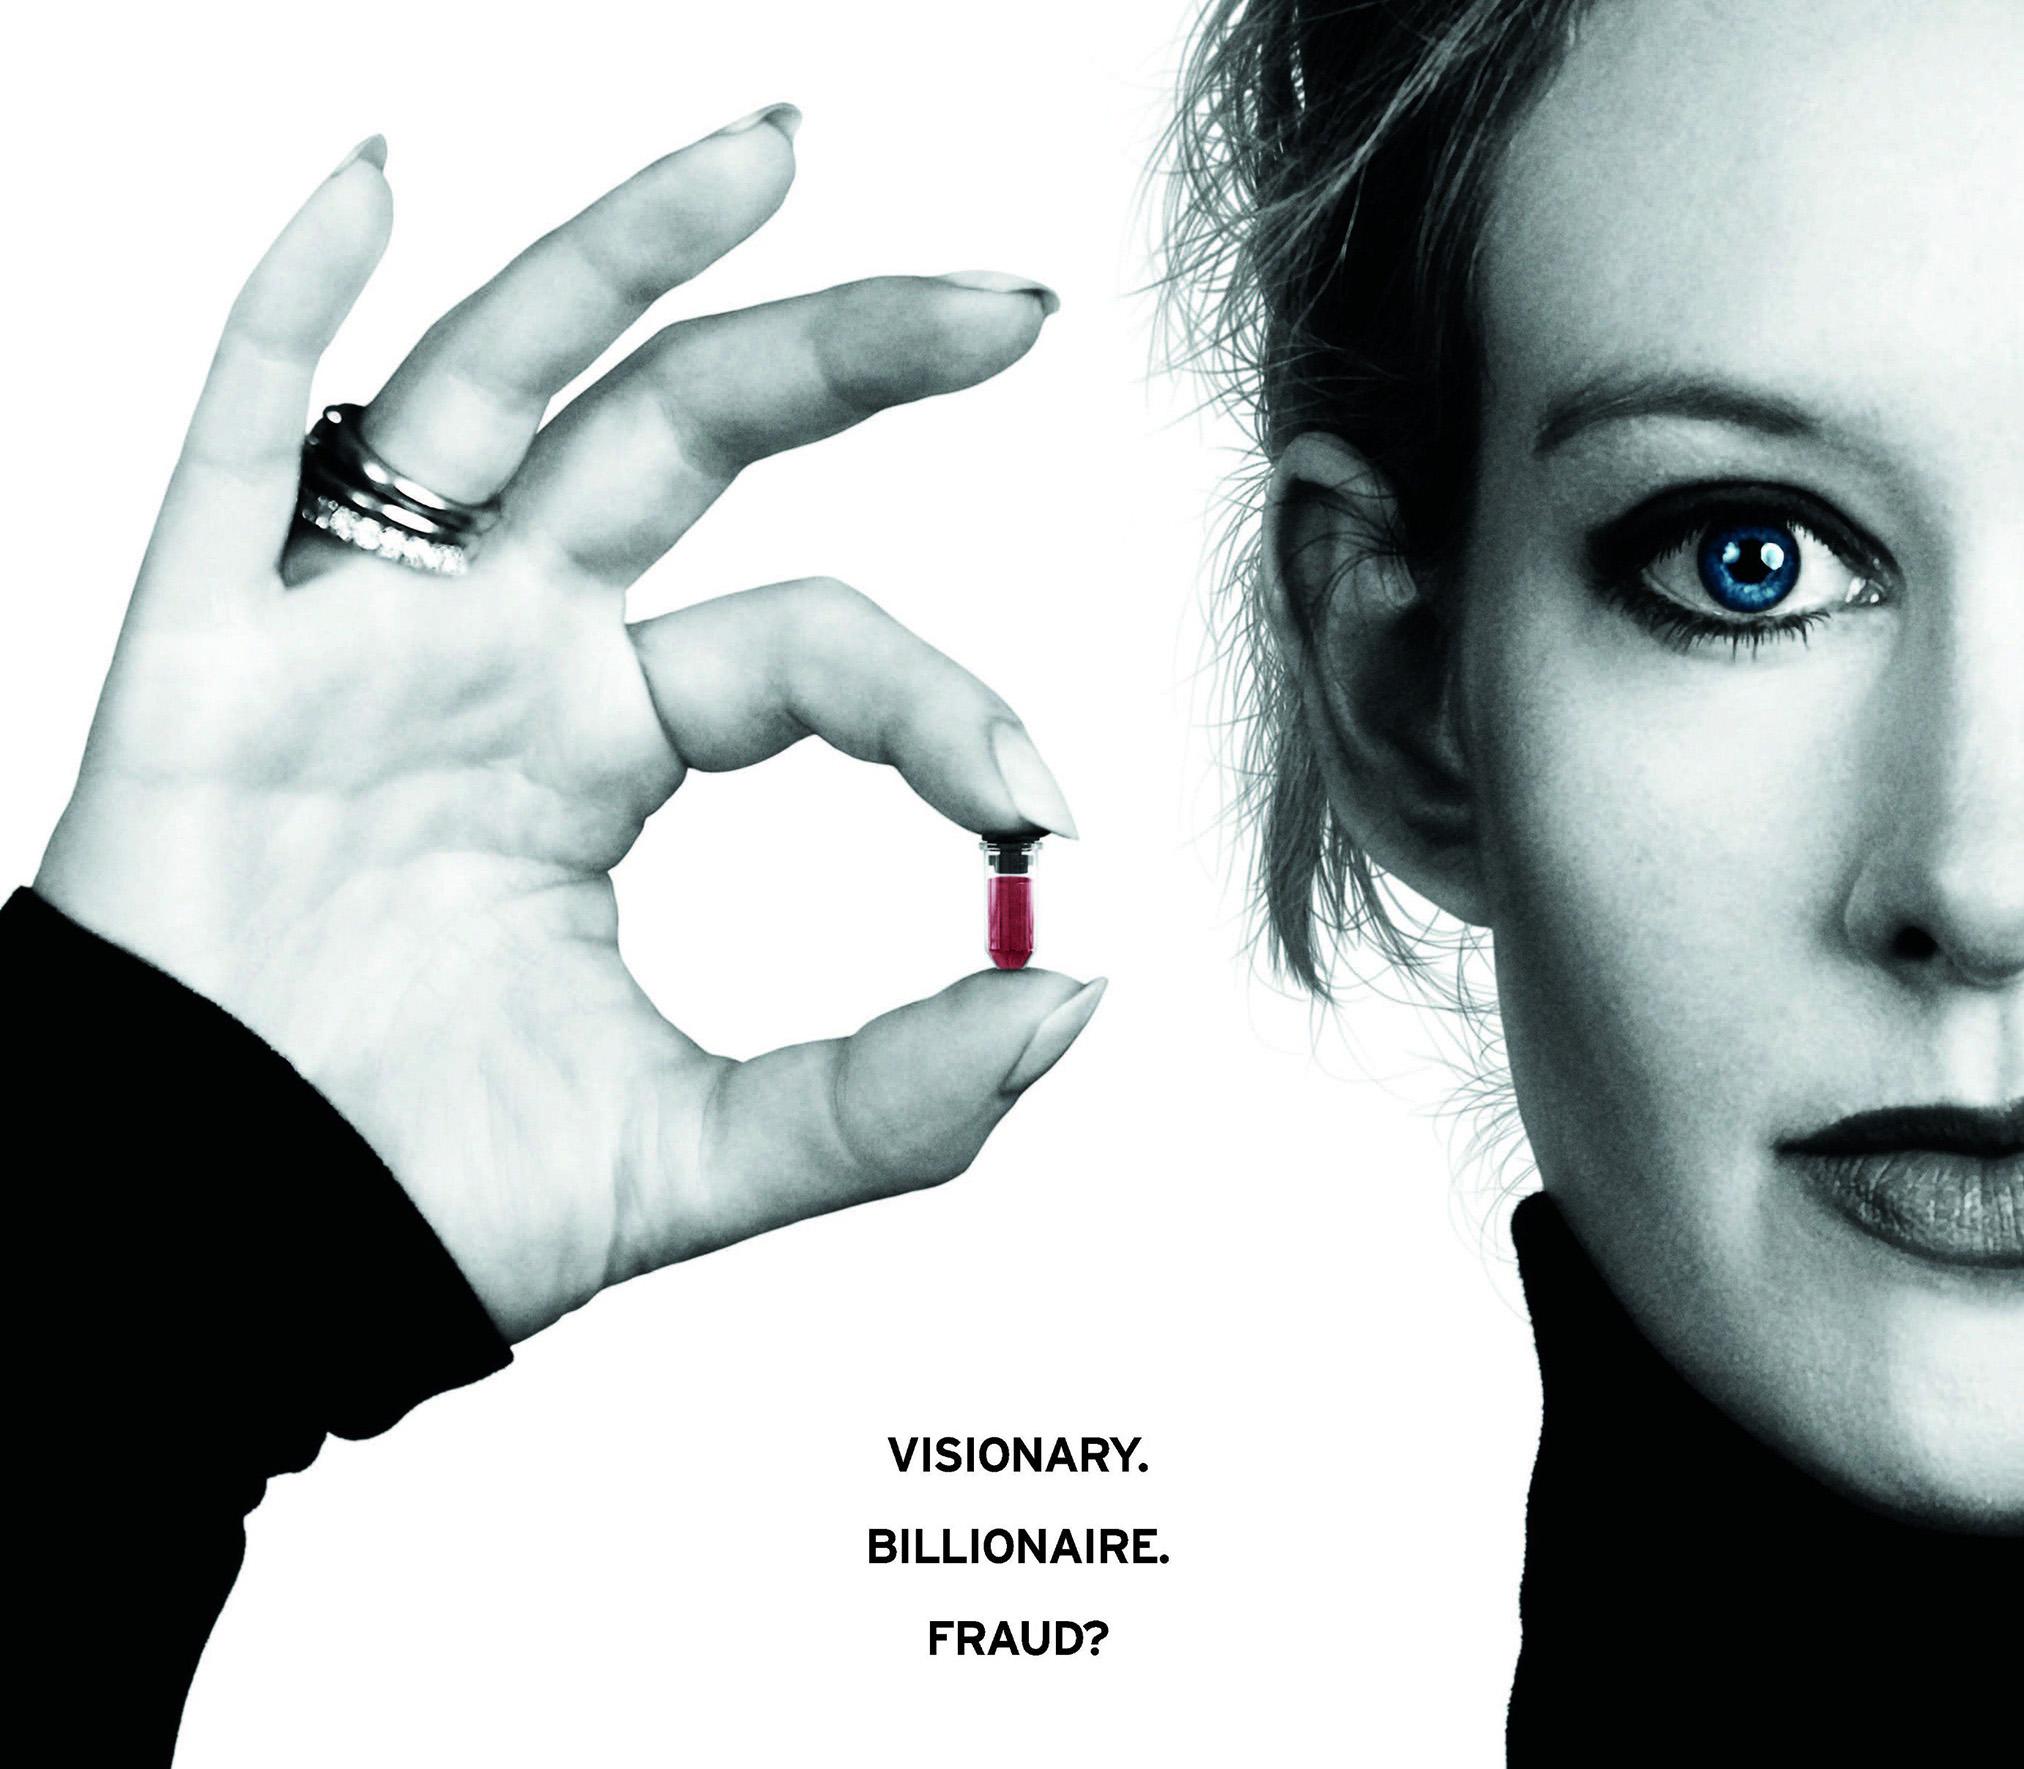 La storia di Elizabeth Holmes e Theranos raccontati in un documentario di HBO